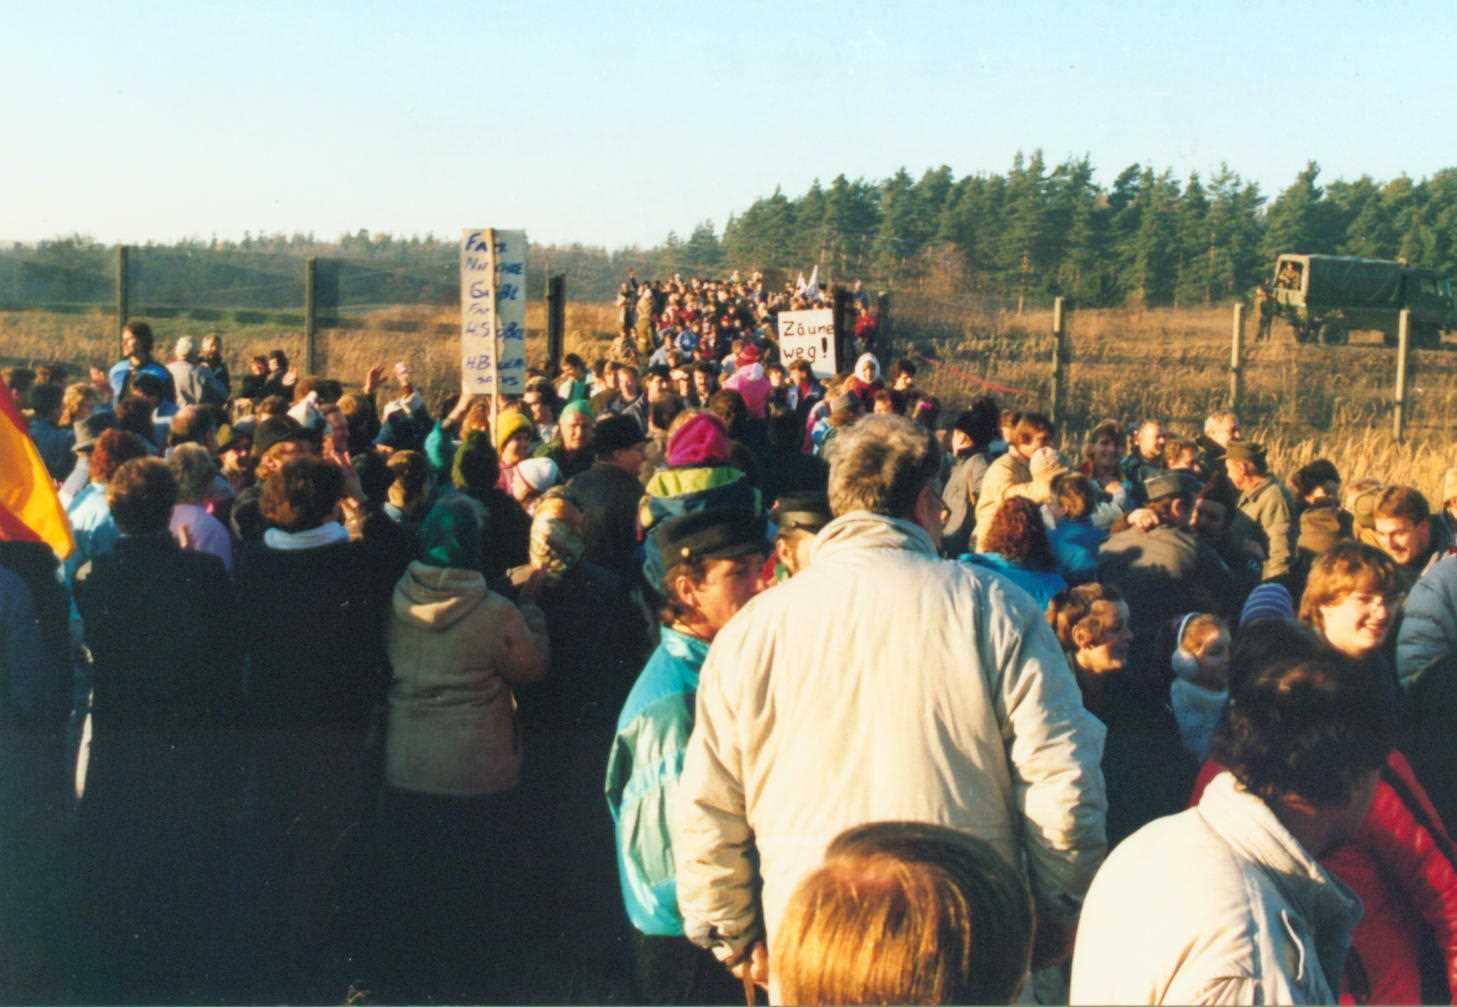 Dezember 1989